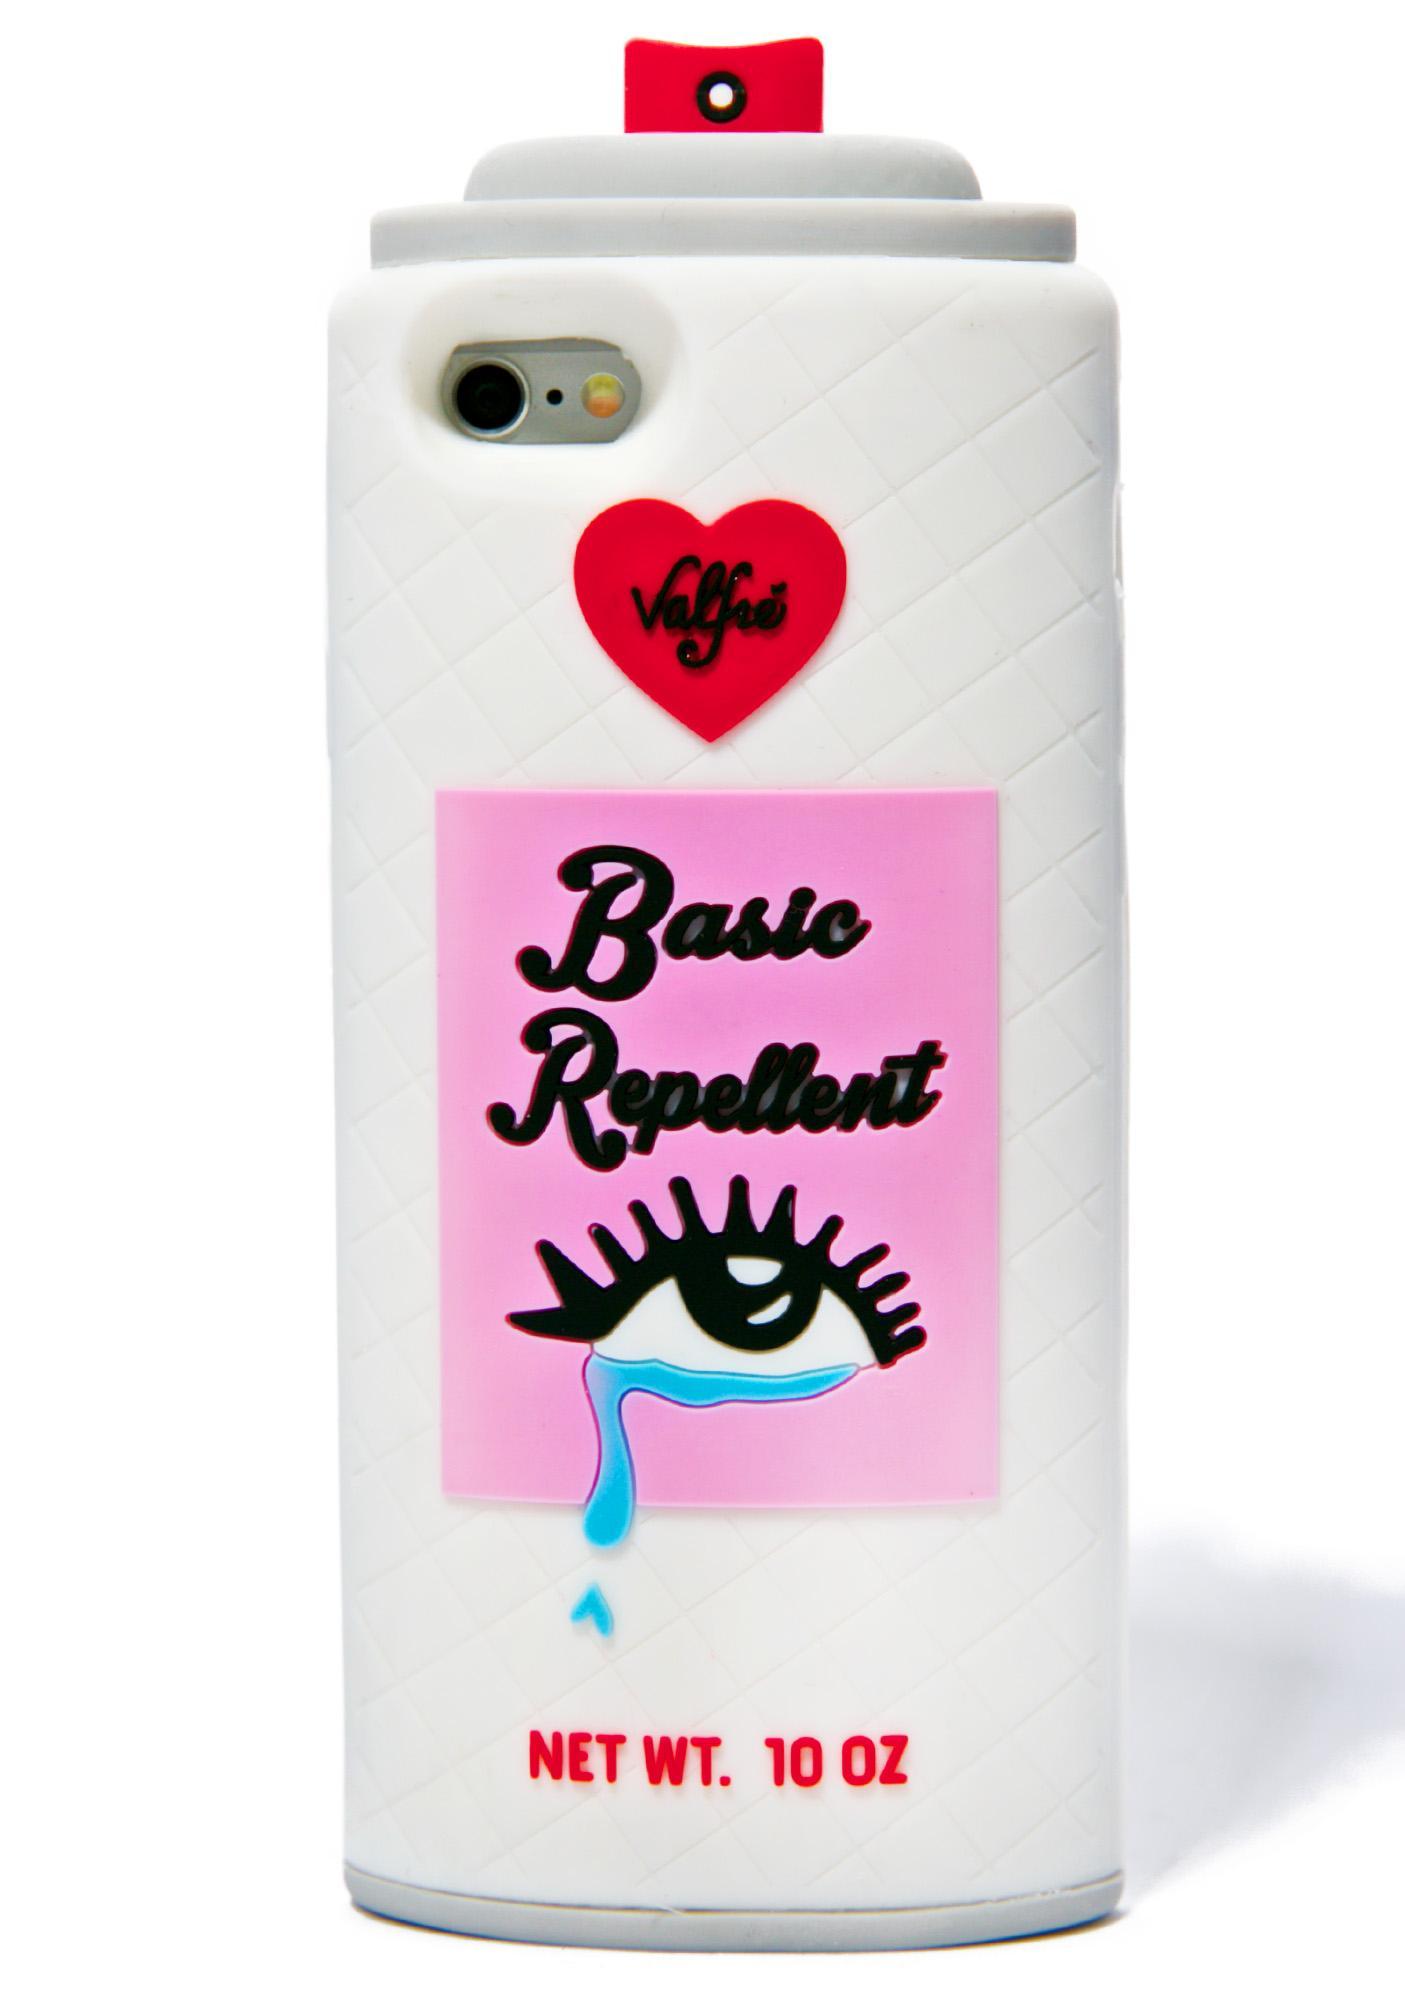 Basic Repellent Iphone Case